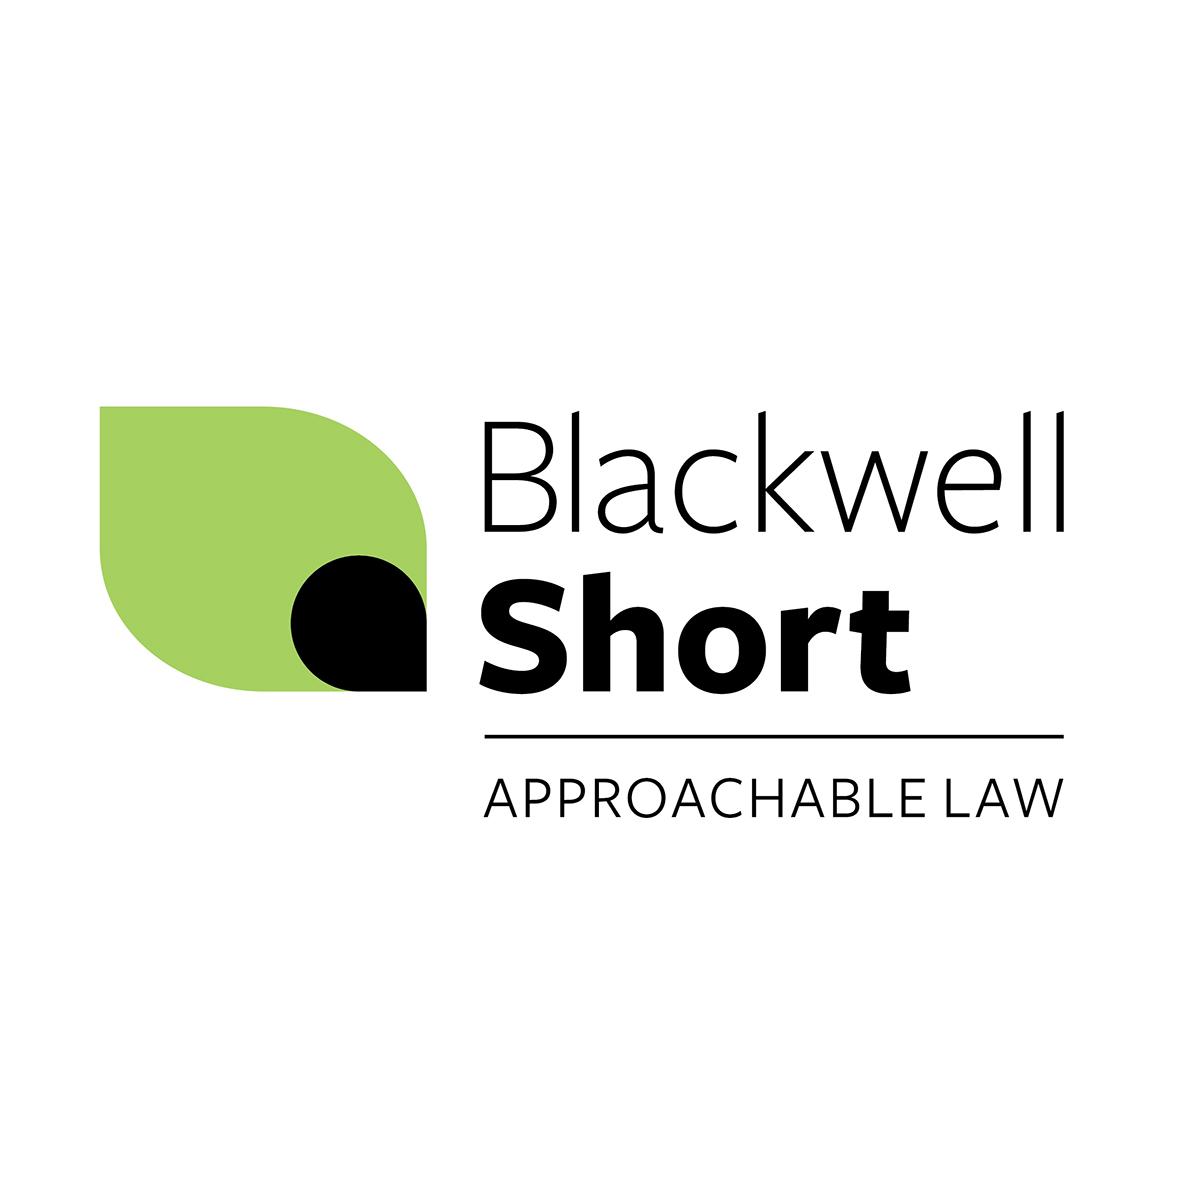 Blackwell-Short-Lawyers-logo-design-branding.jpg